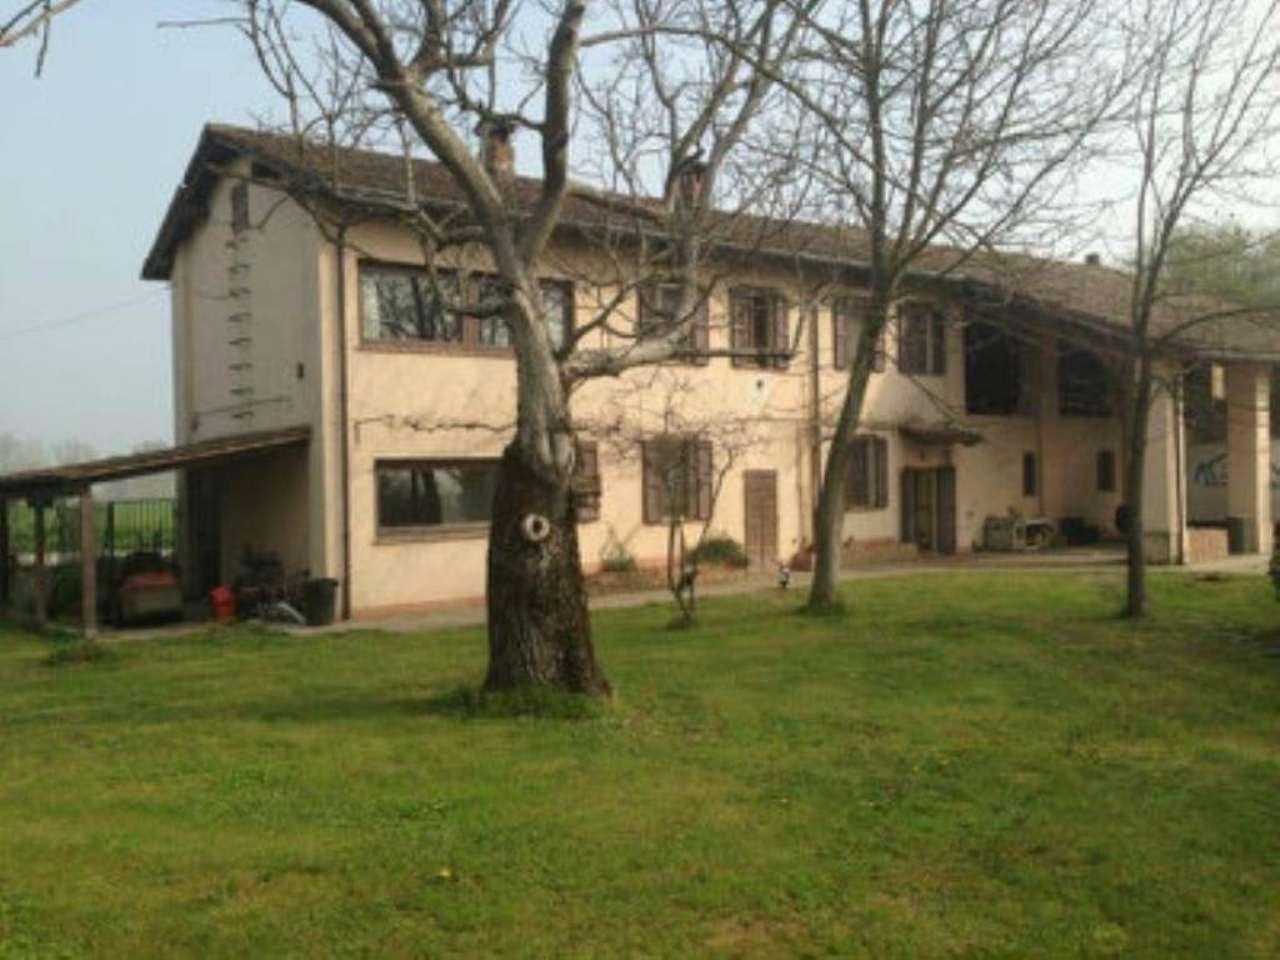 Rustico / Casale in vendita a San Donato Milanese, 9 locali, prezzo € 530.000 | Cambio Casa.it